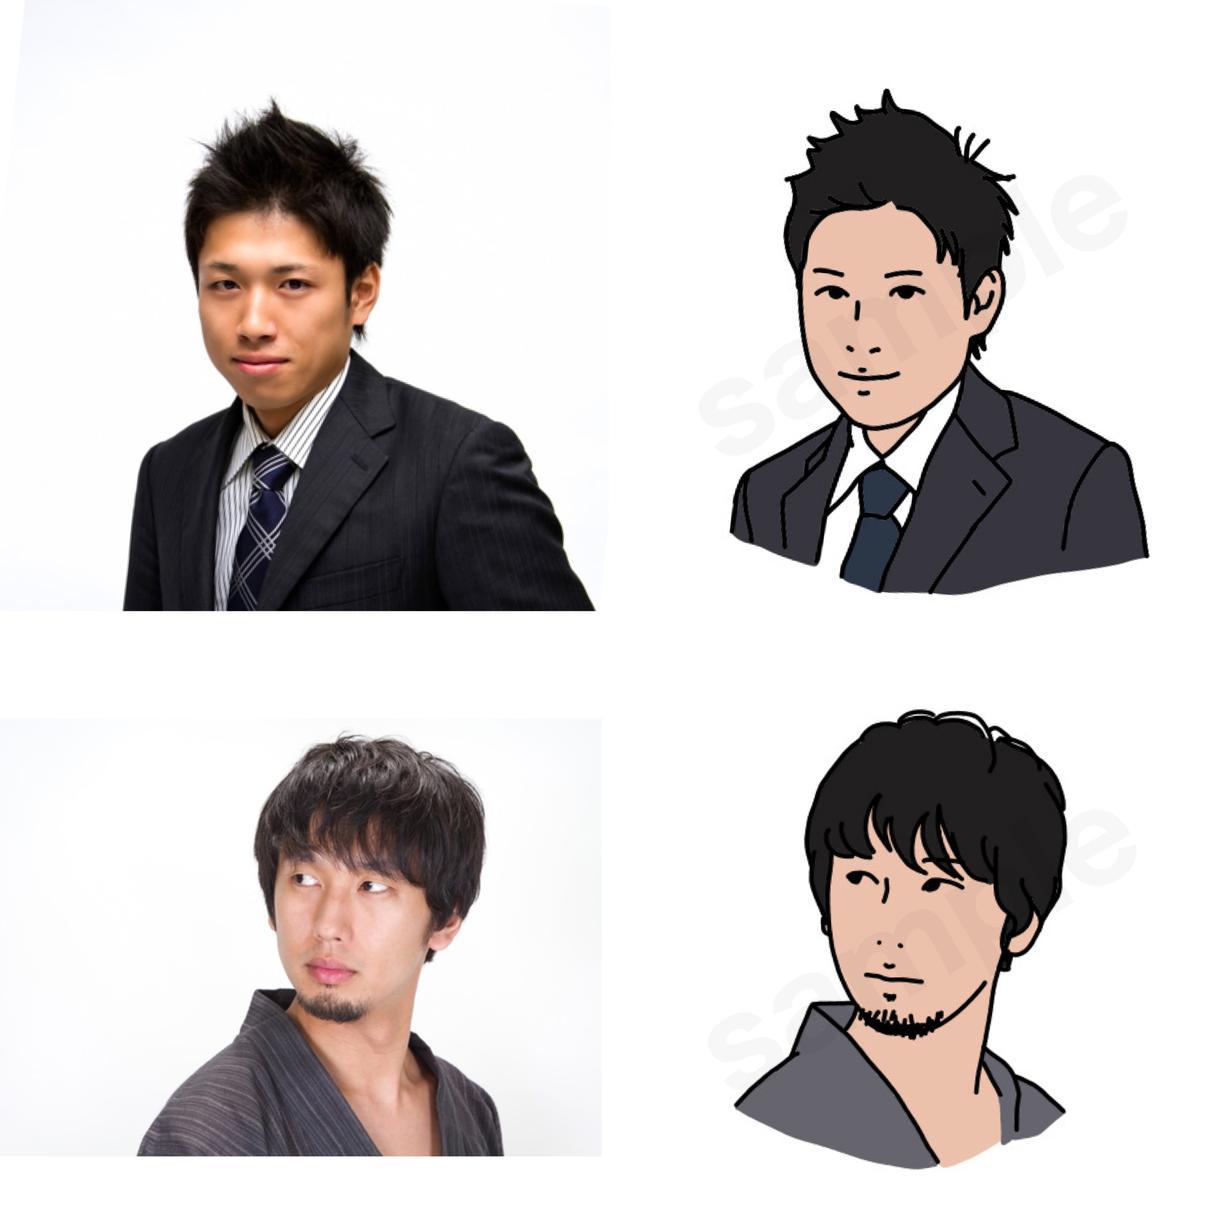 アイコン用似顔絵描きます 男性も使いやすい!SNS等アイコンの写真のかわりにおすすめ!